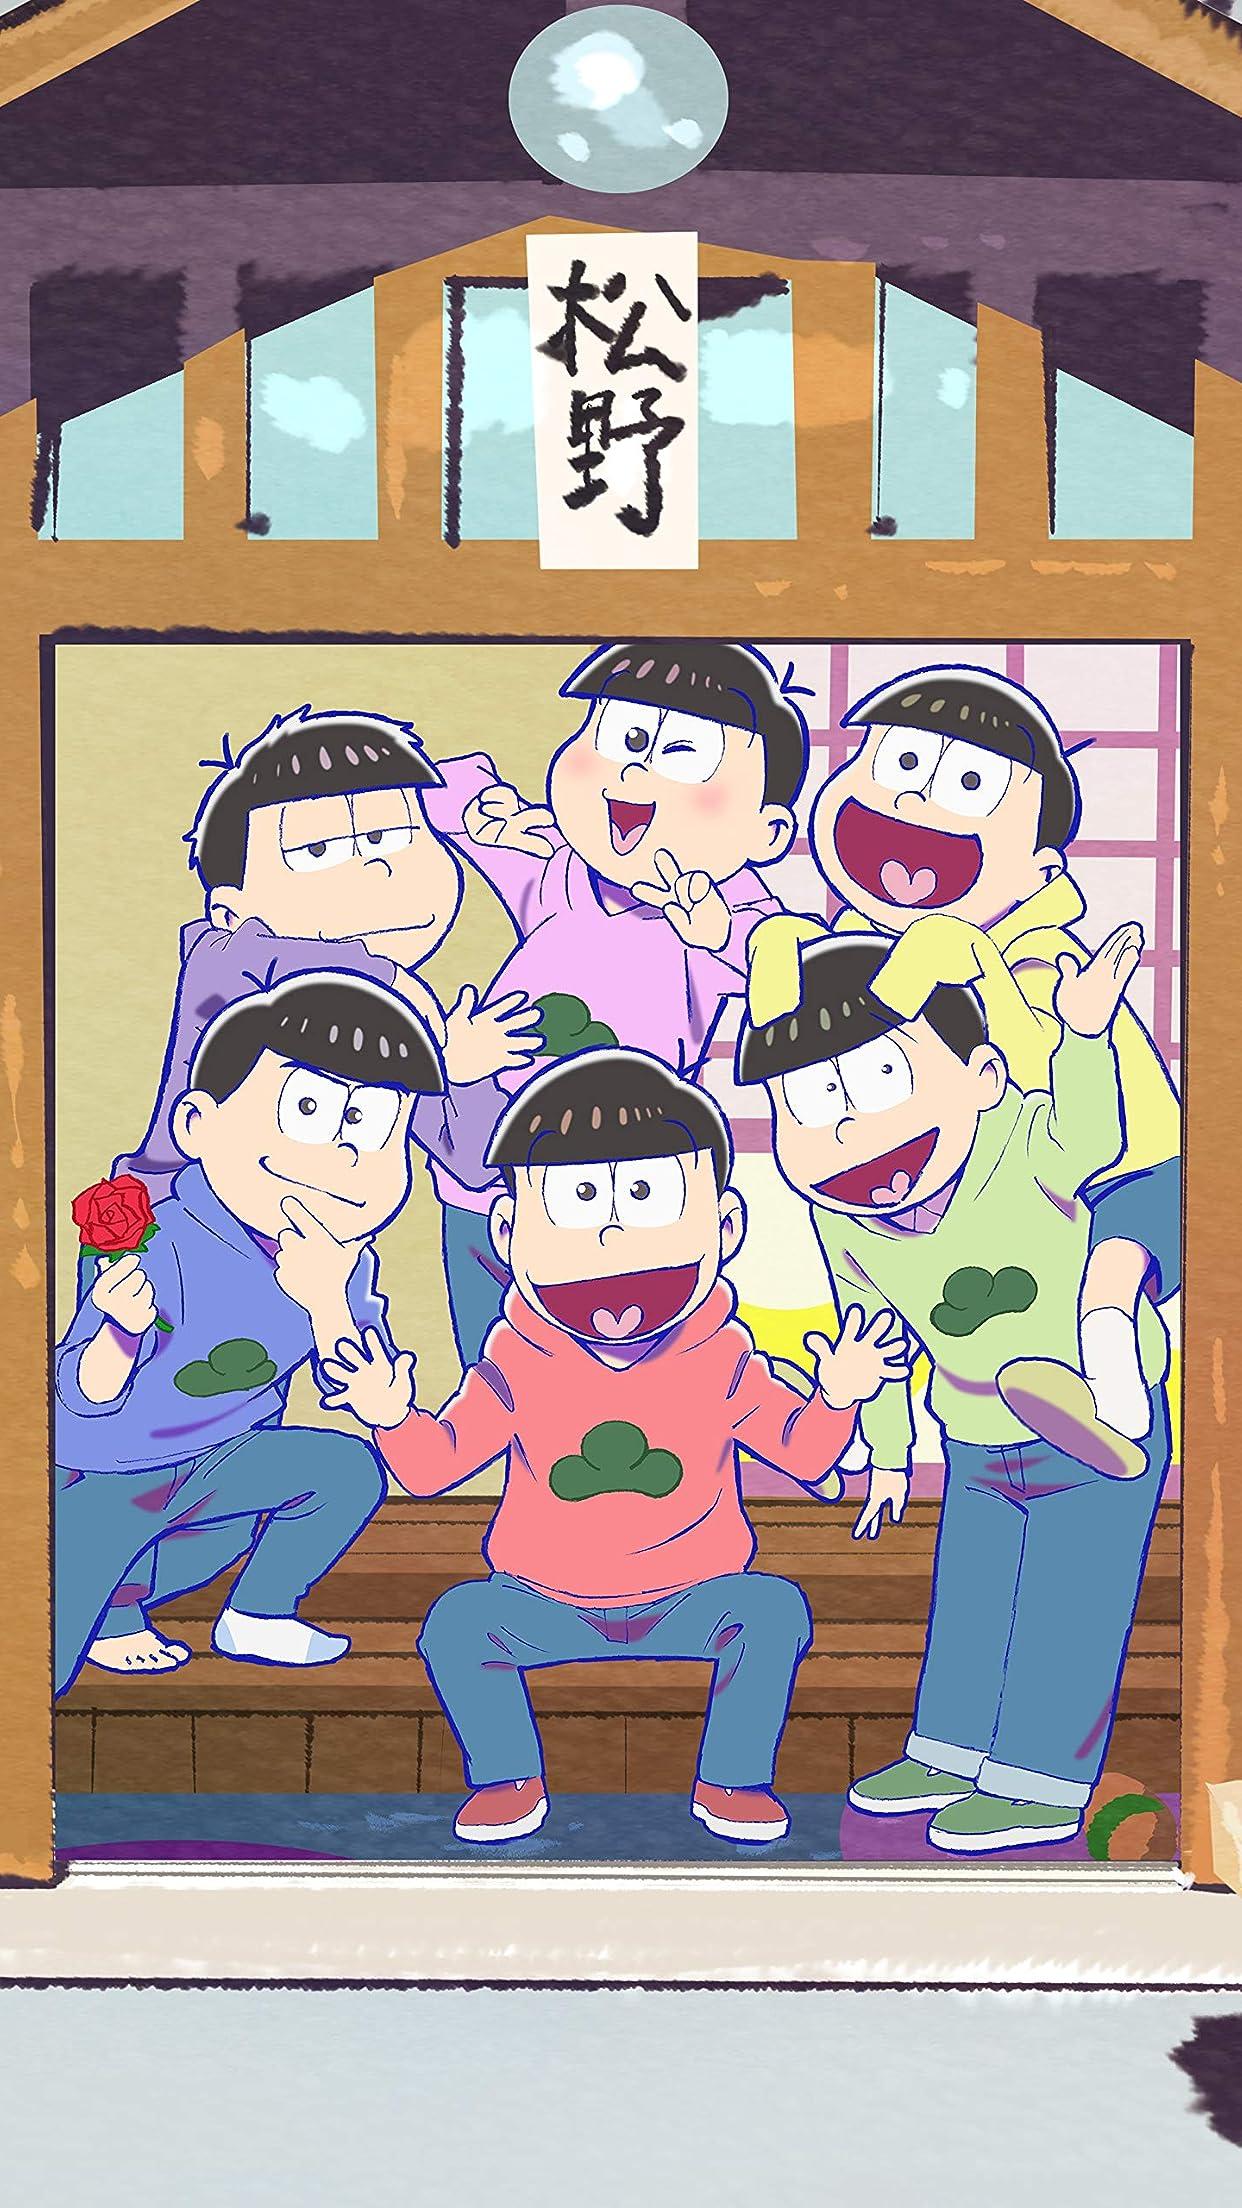 おそ松さん 松野家 iPhone8,7,6 Plus 壁紙(1242×2208)画像